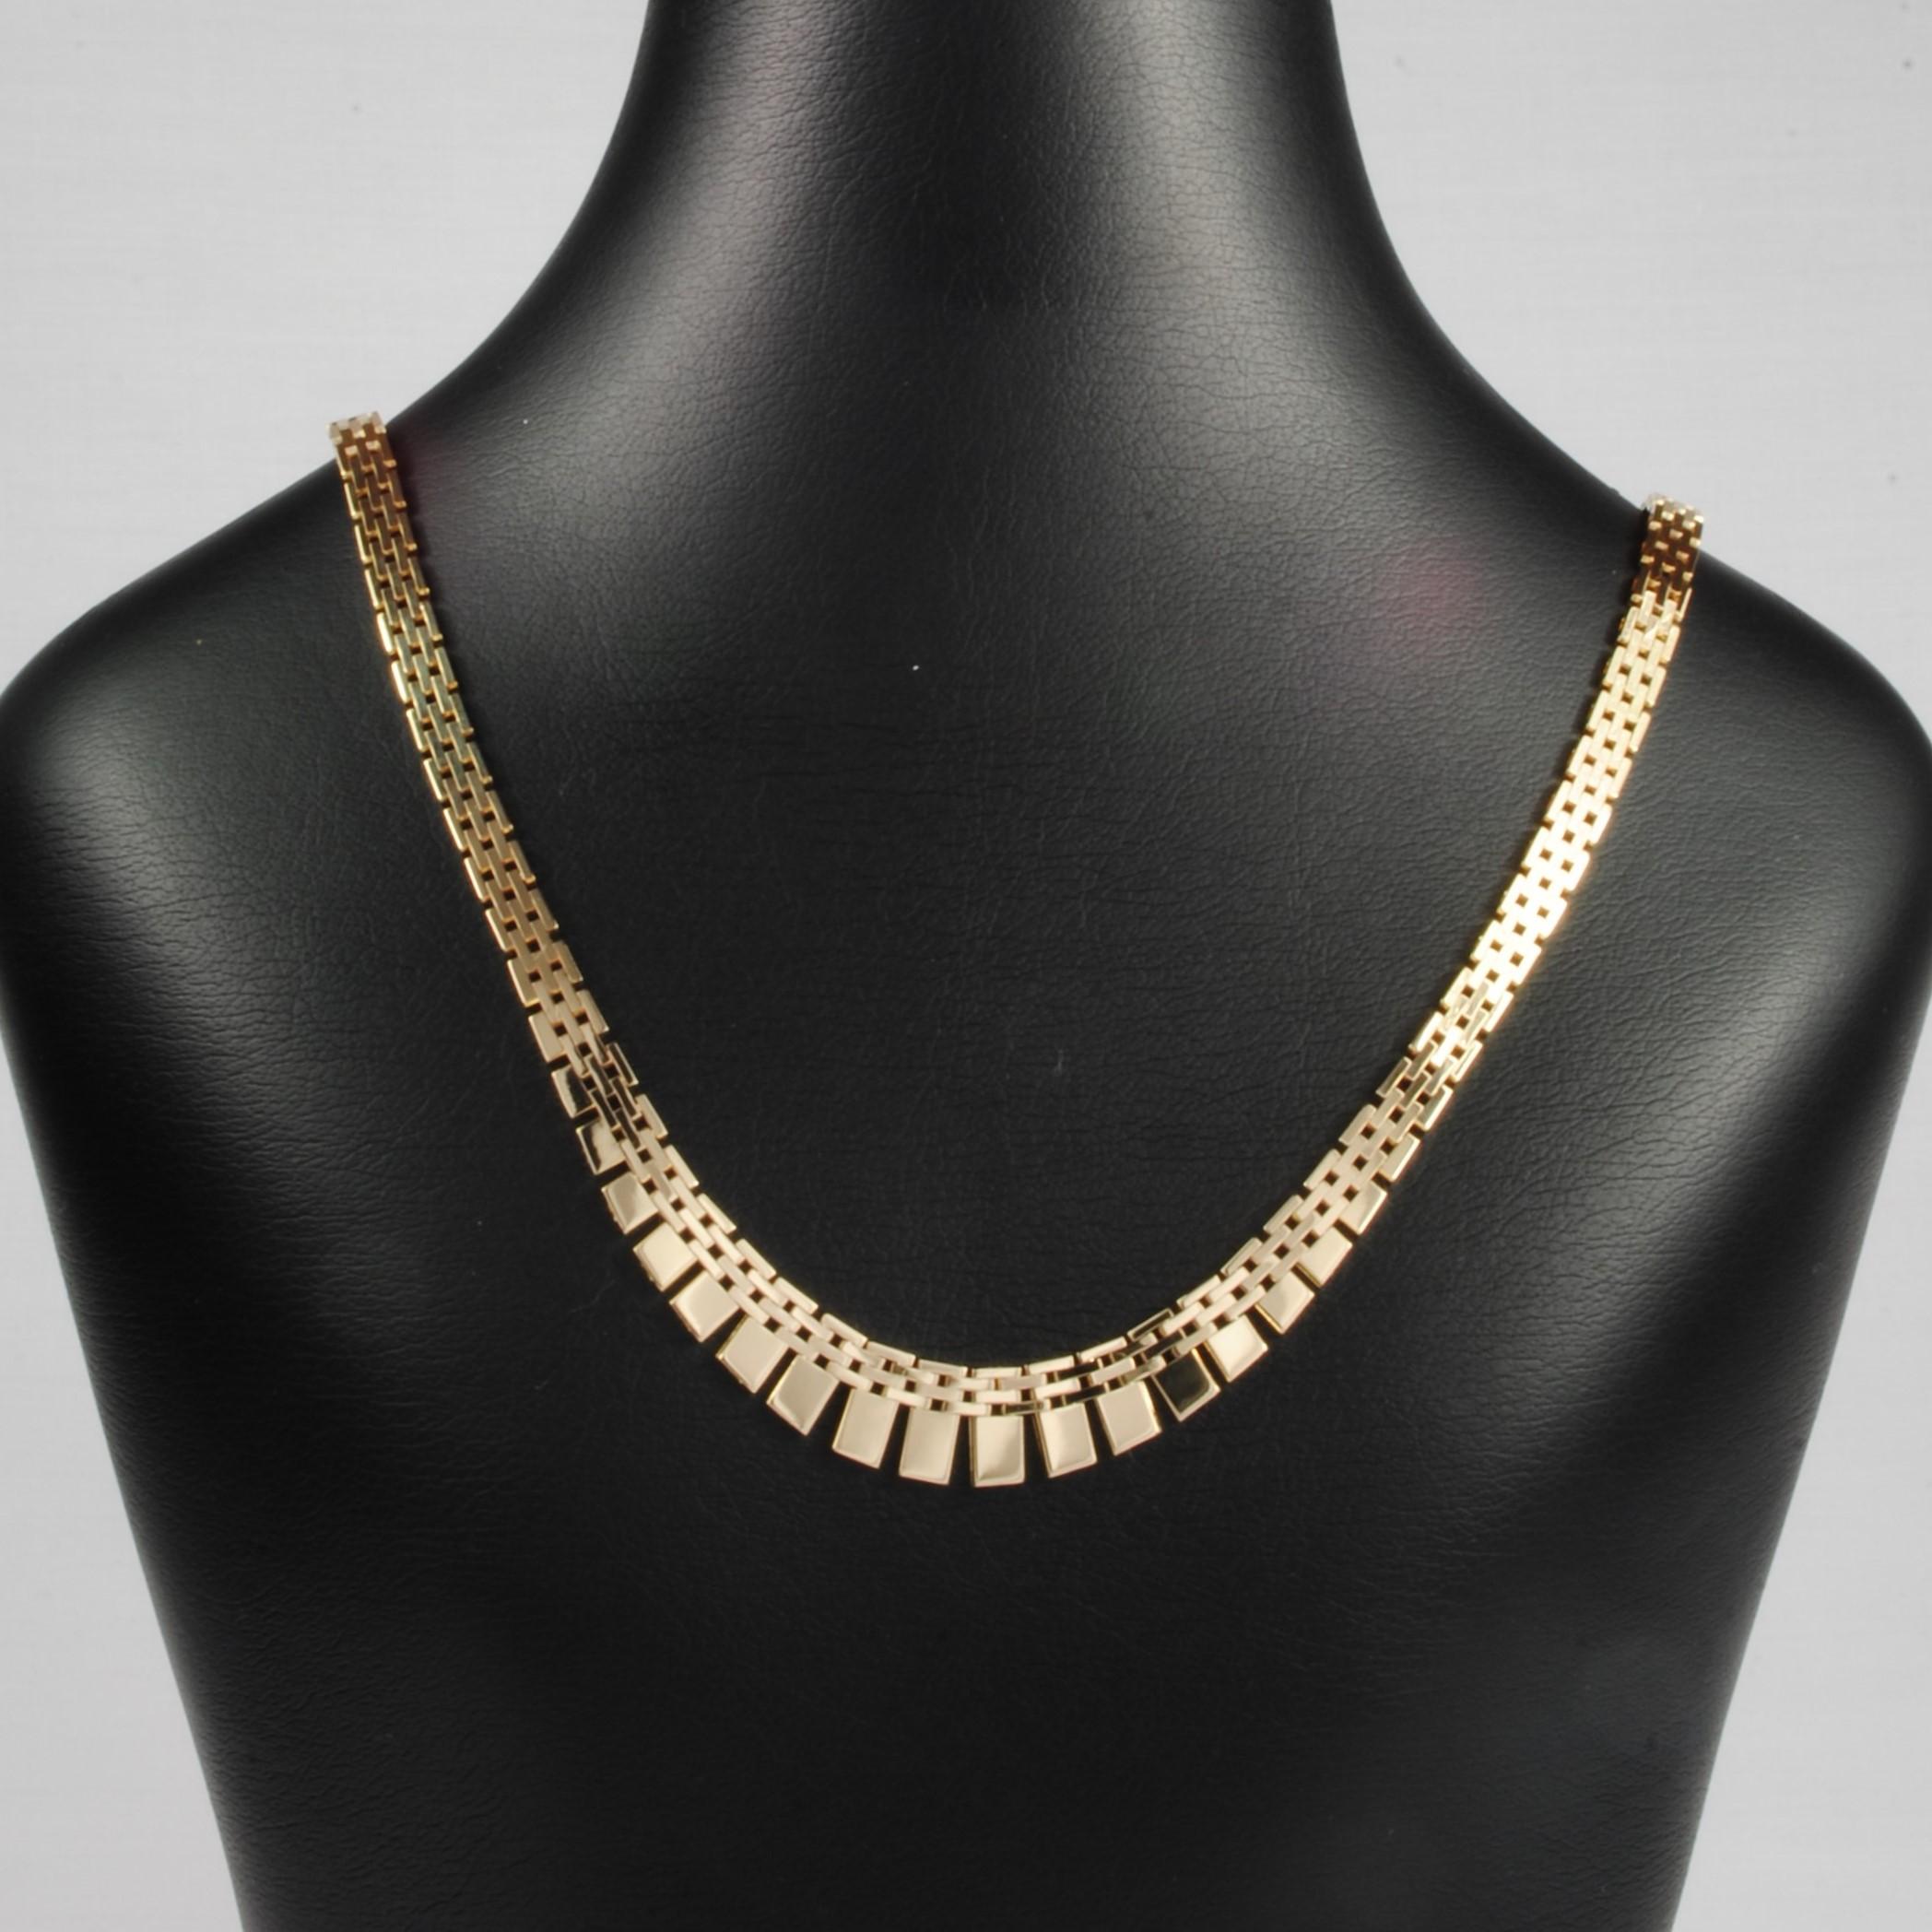 53365a998728 14 kt Guld Mursten halskæde med forløb 45 cm - Ure-smykker din ...